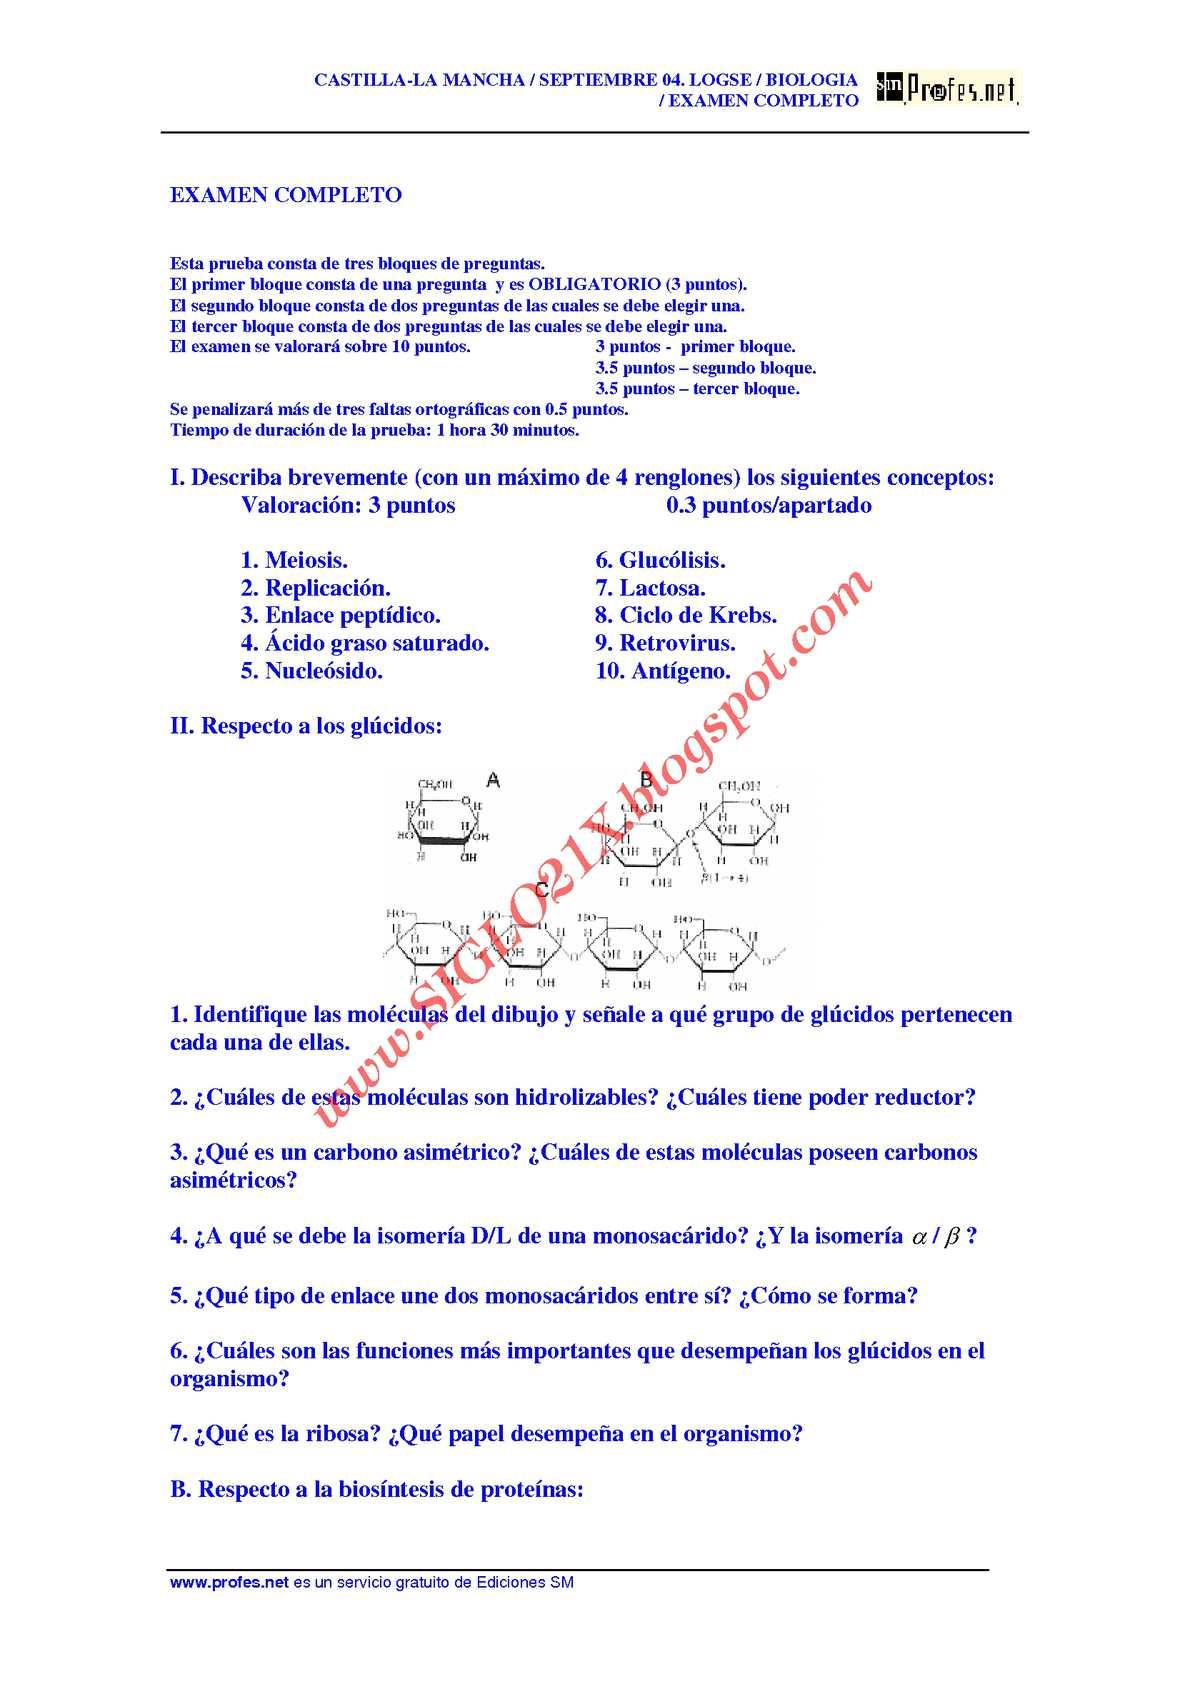 BIOLOGIA-SELECTIVIDAD-EXAMEN 2 RESUELTO- CASTILLA-LA MANCHA-www.SIGLO21X.blogspot.com